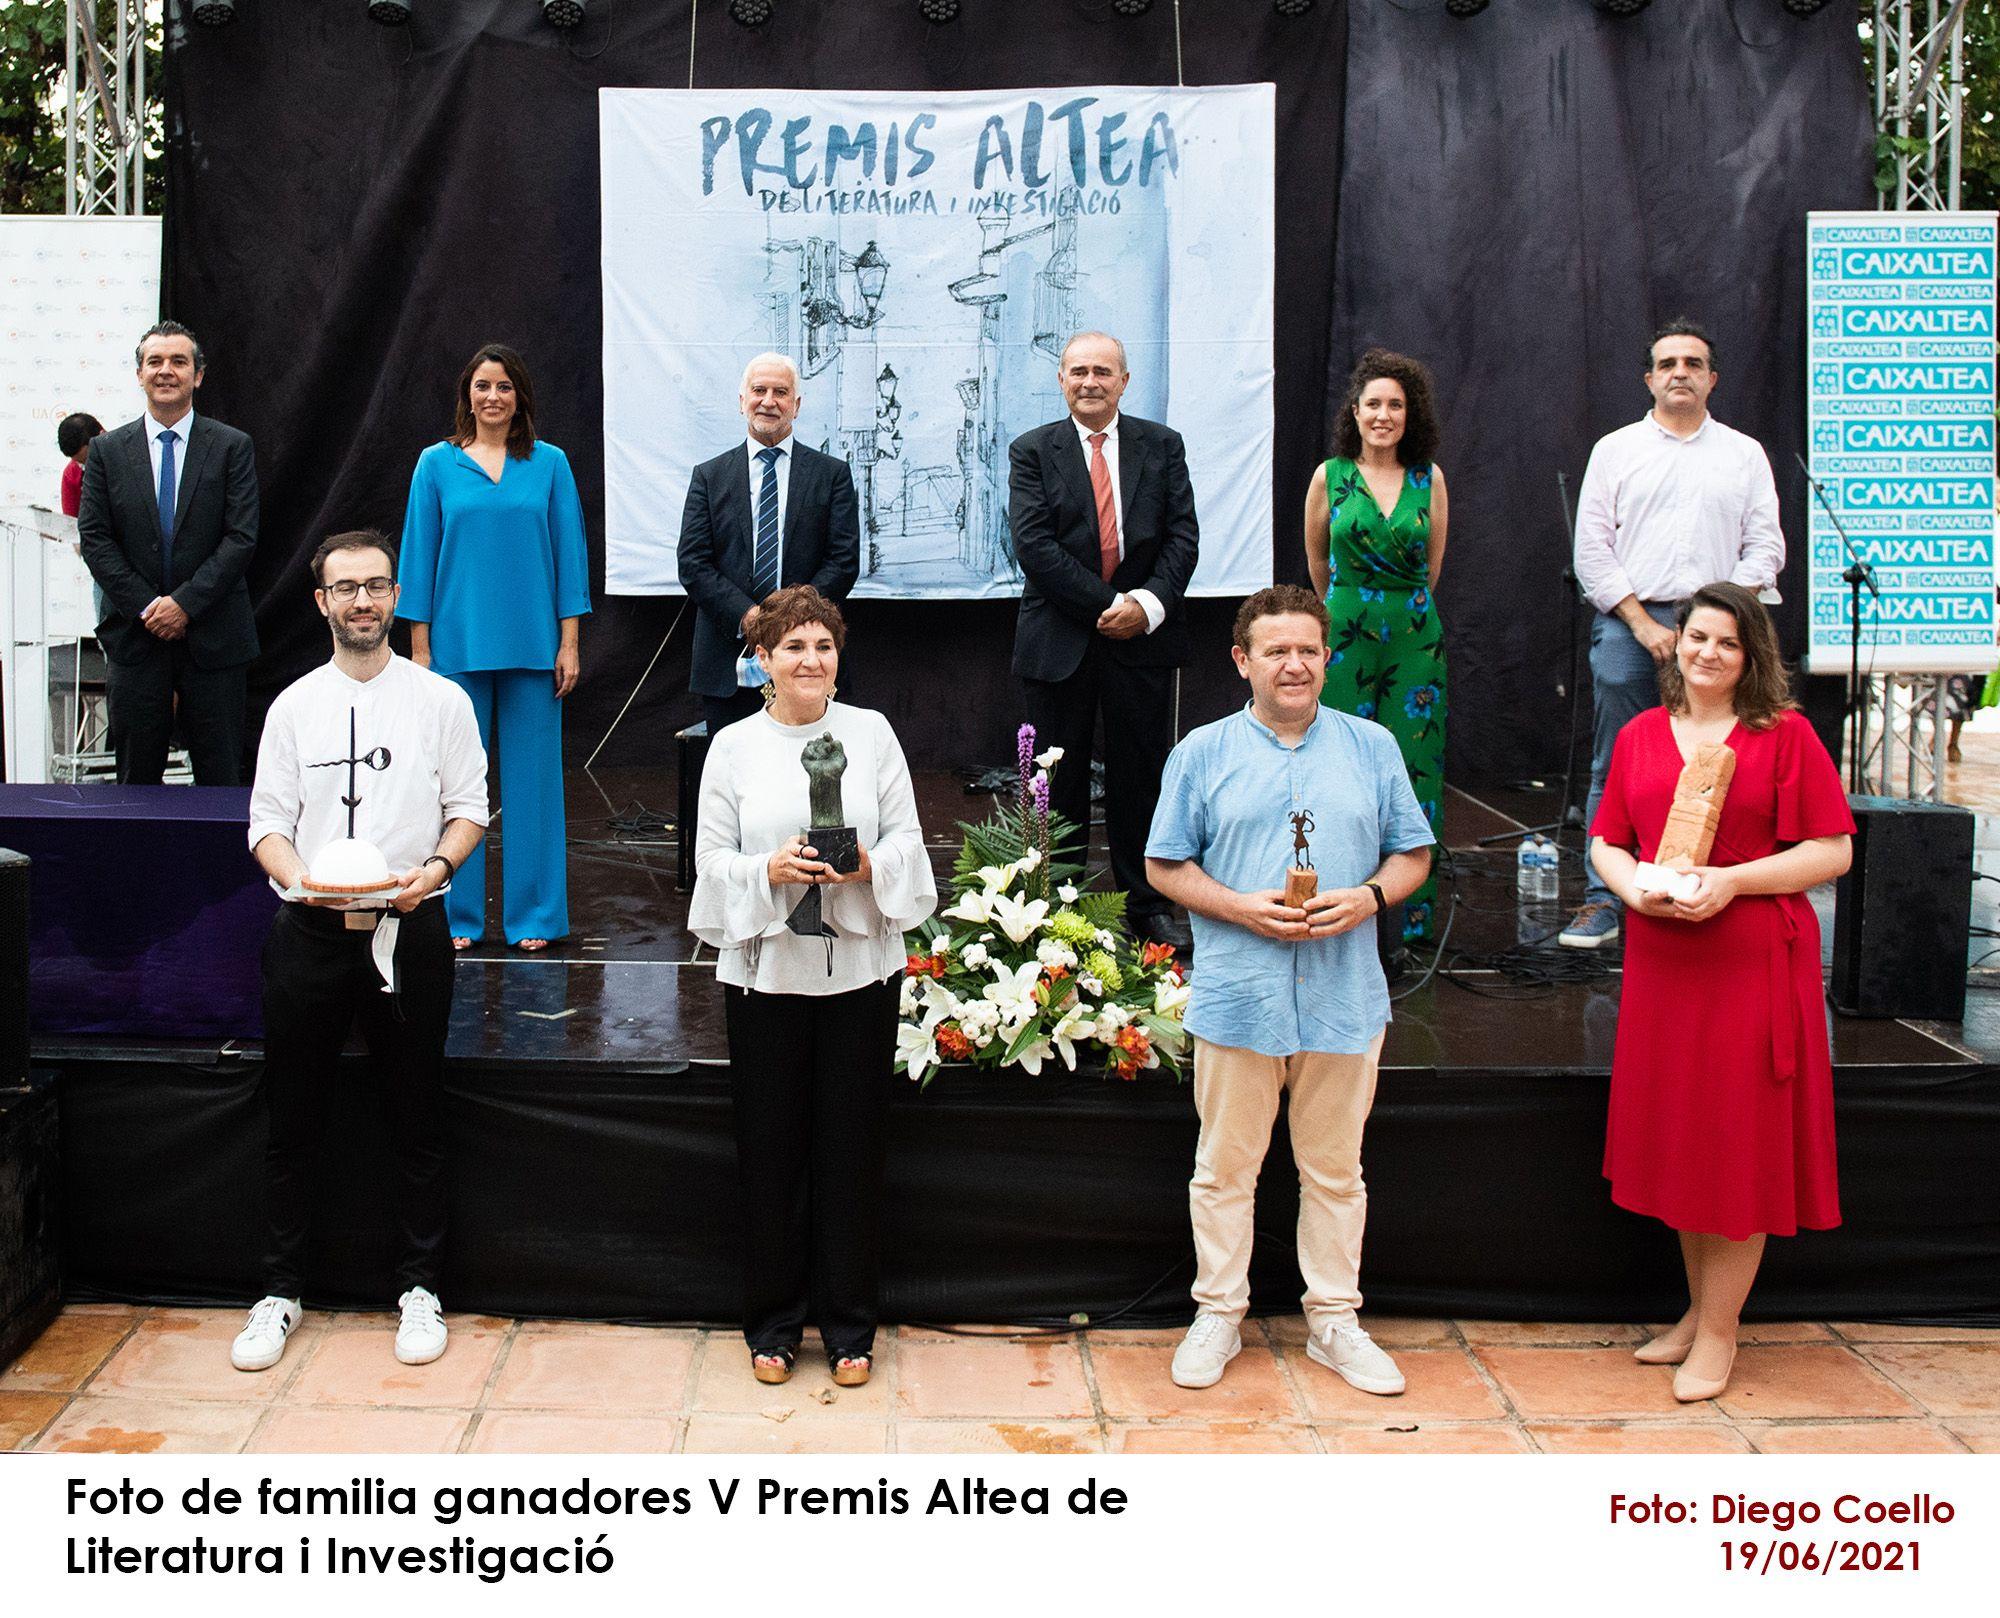 Altea entrega sus premios de Literatura i Investigació 2021 en un acto acompañado por la lluvia